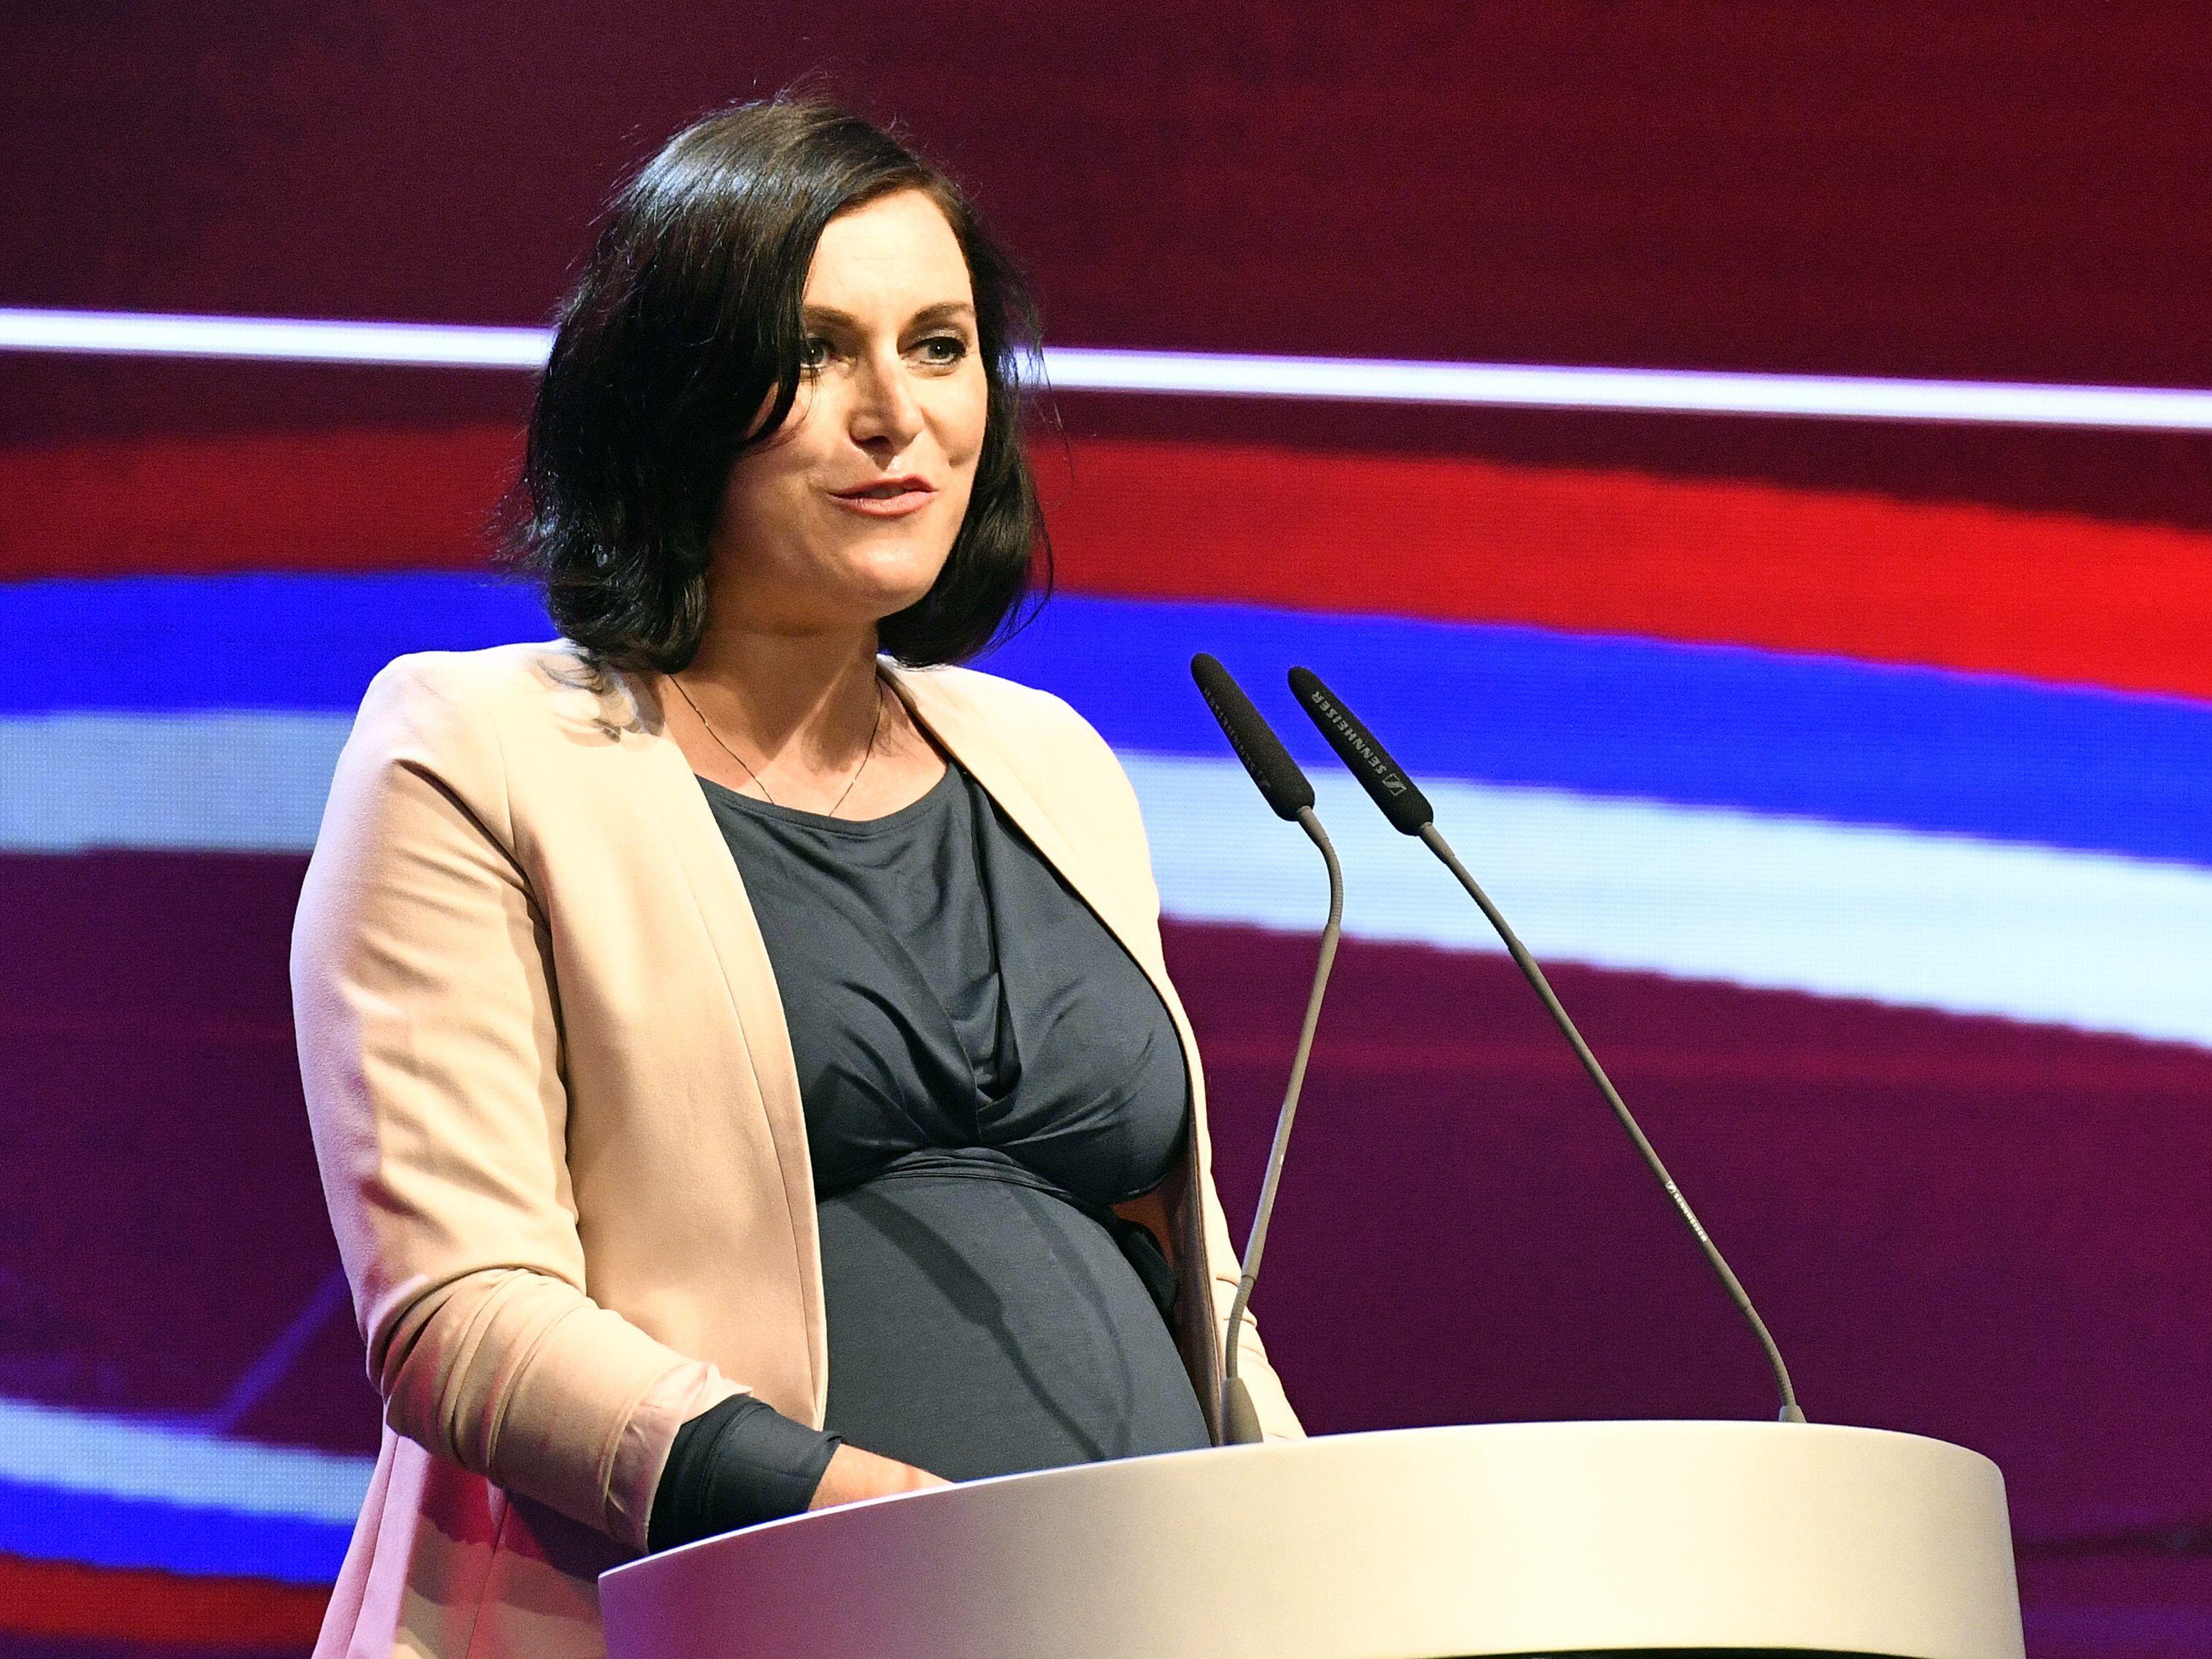 Ministerin Köstinger Ist Mutter Eines Sohnes Geworden Politik